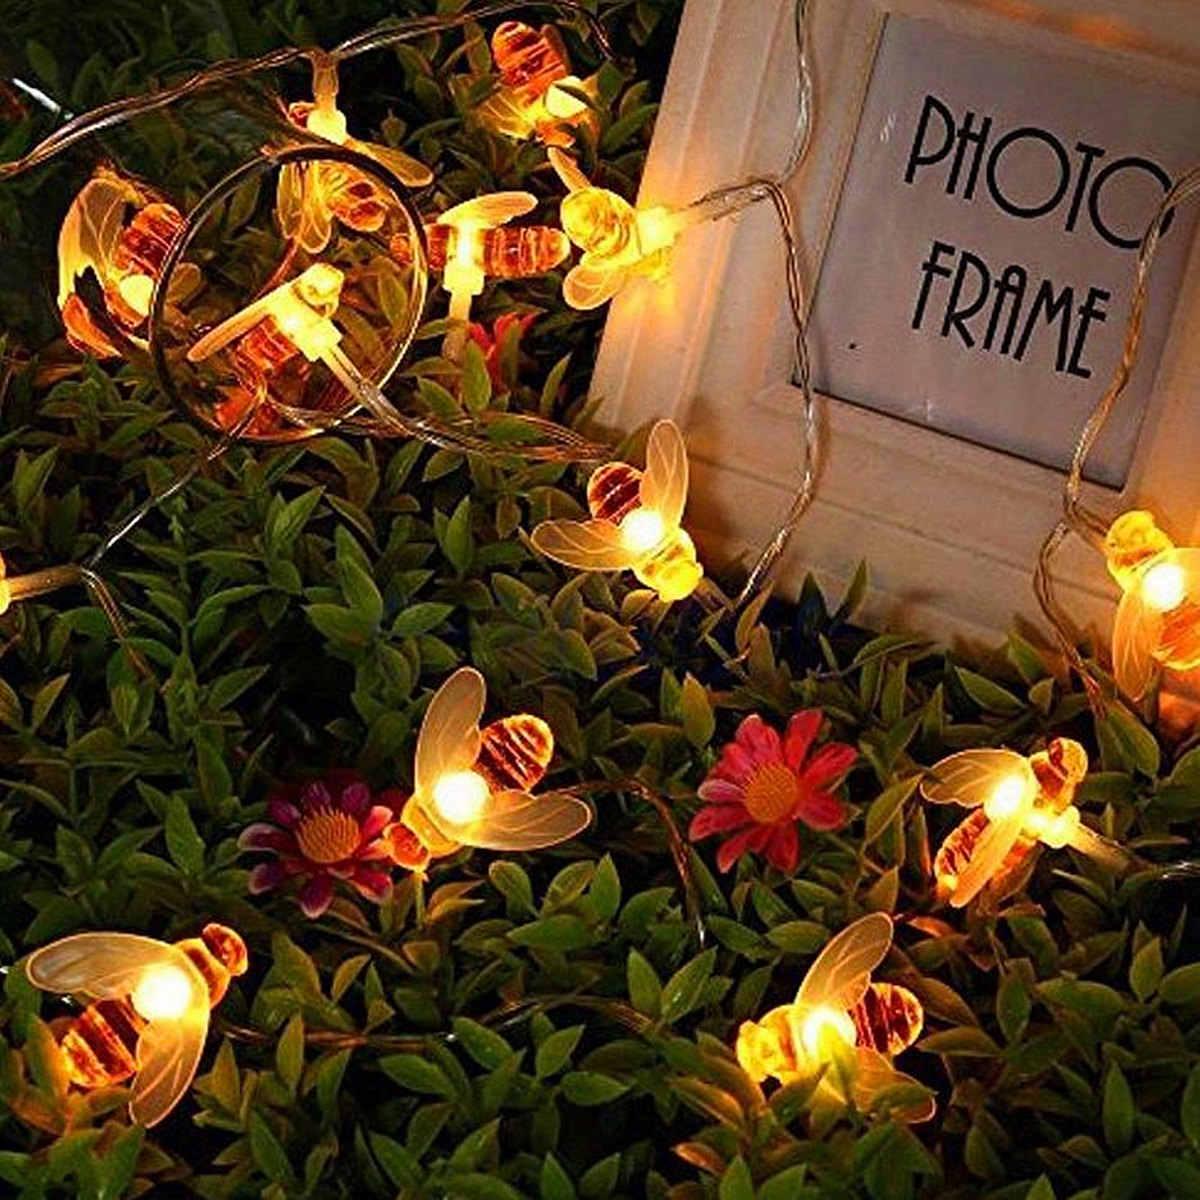 Открытый сад 30 светодиодный Сказочный свет на солнечных батареях медовая пчела Праздничная осветительная Подвесная лампа вечерние украшения 6,5 м водонепроницаемый